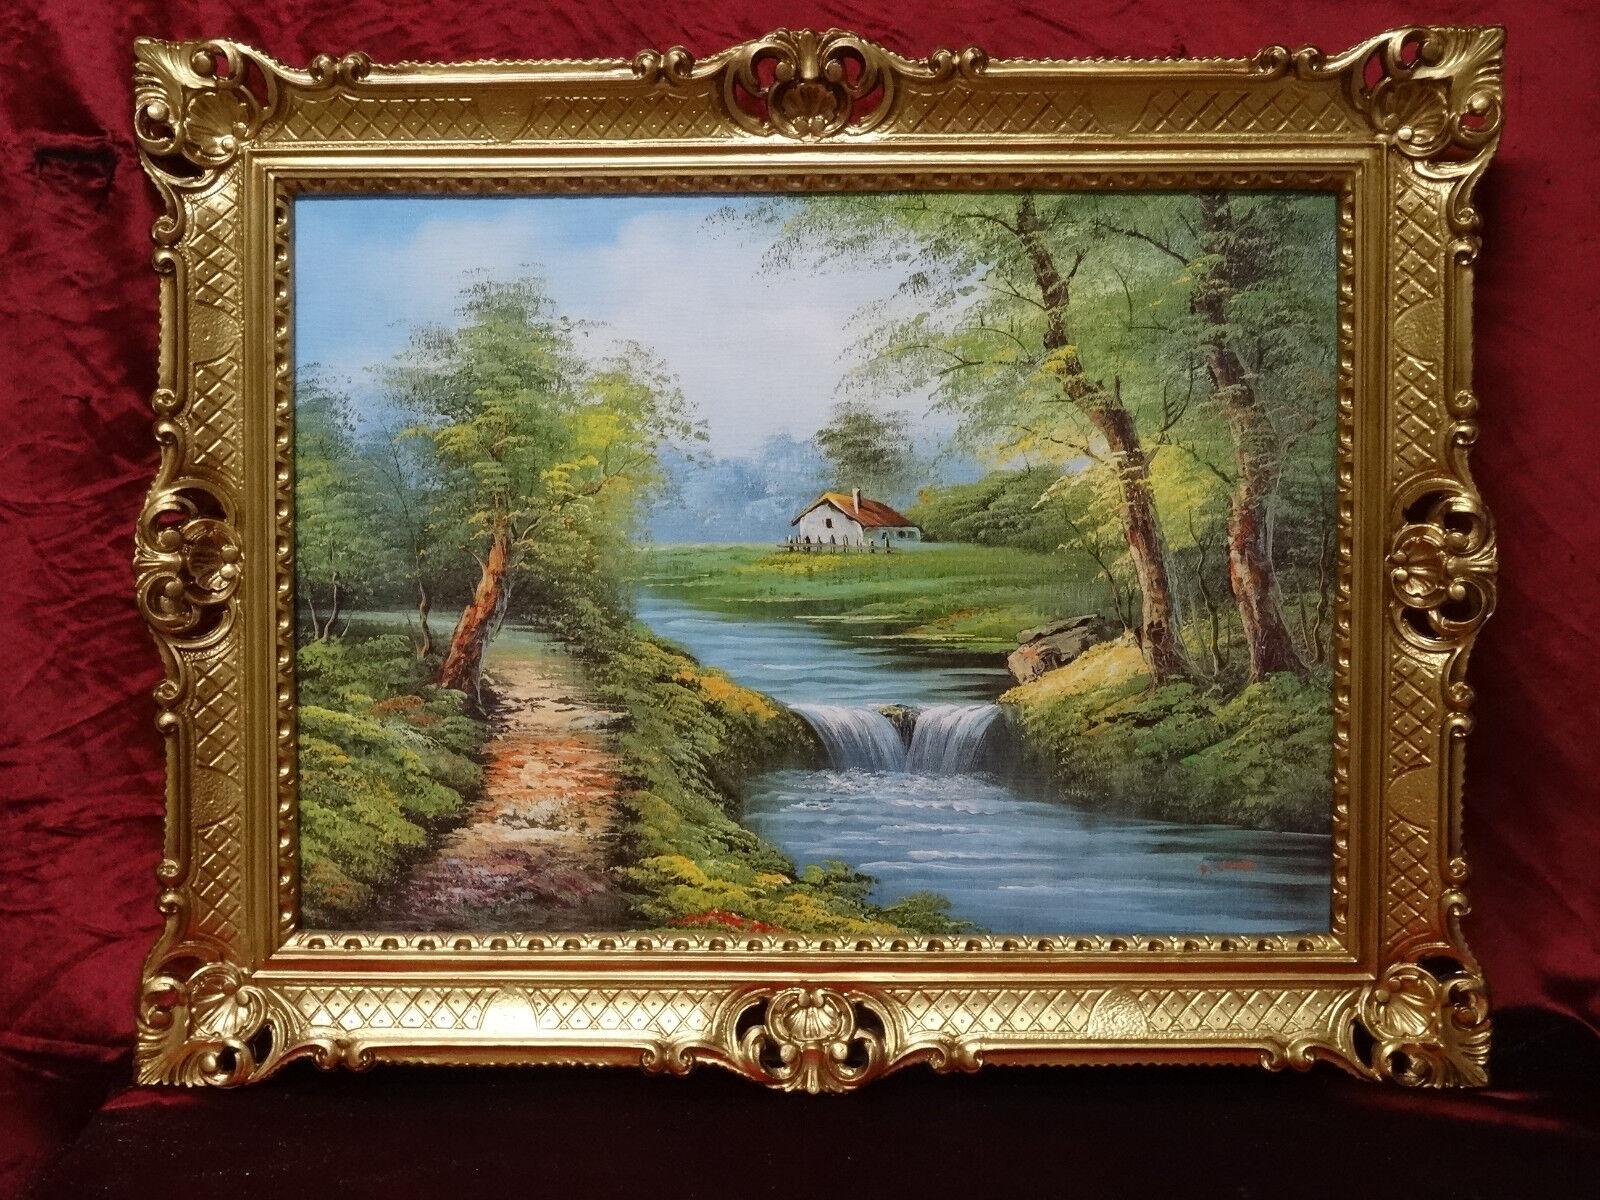 Exklusiv Bilder Reproproduktion Kunstwerke von zeitgenössischen Malern 90x70 154